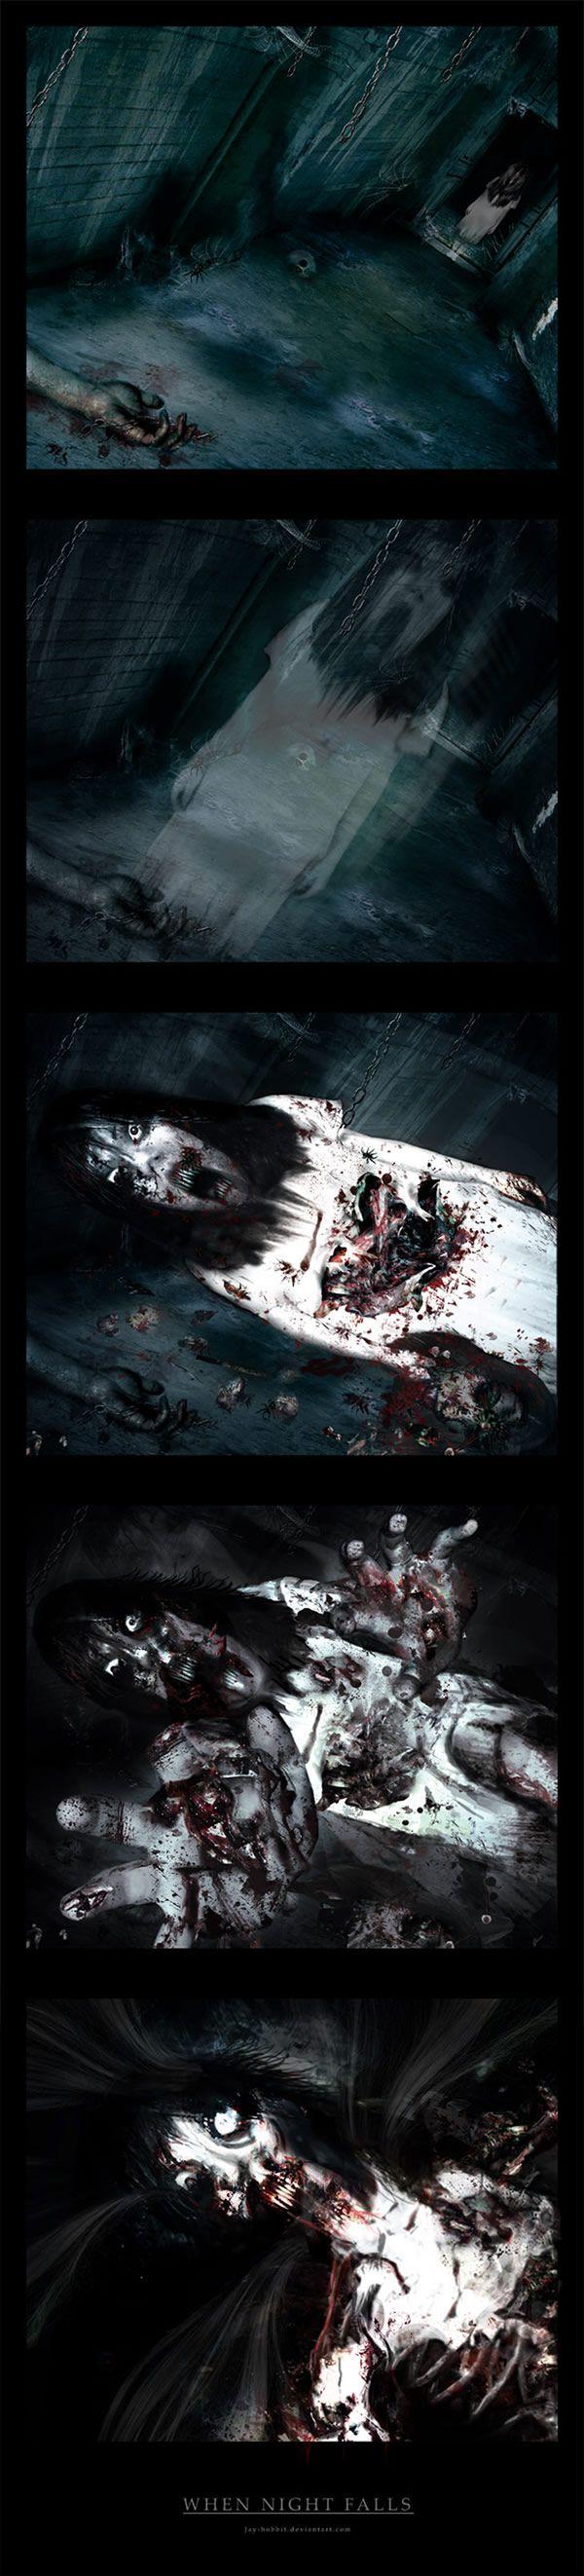 Imágenes aterradoras 2012 (12)